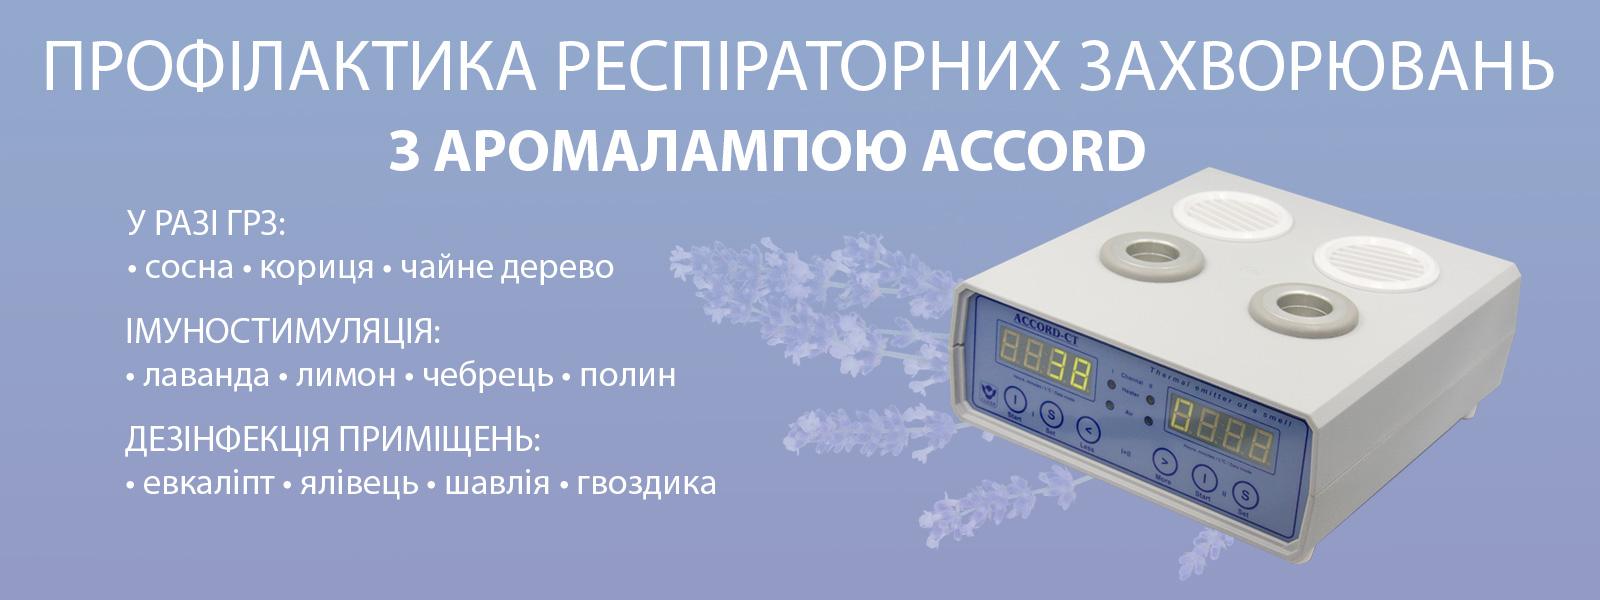 Ароматерапия для профилактики респираторных заболеваний